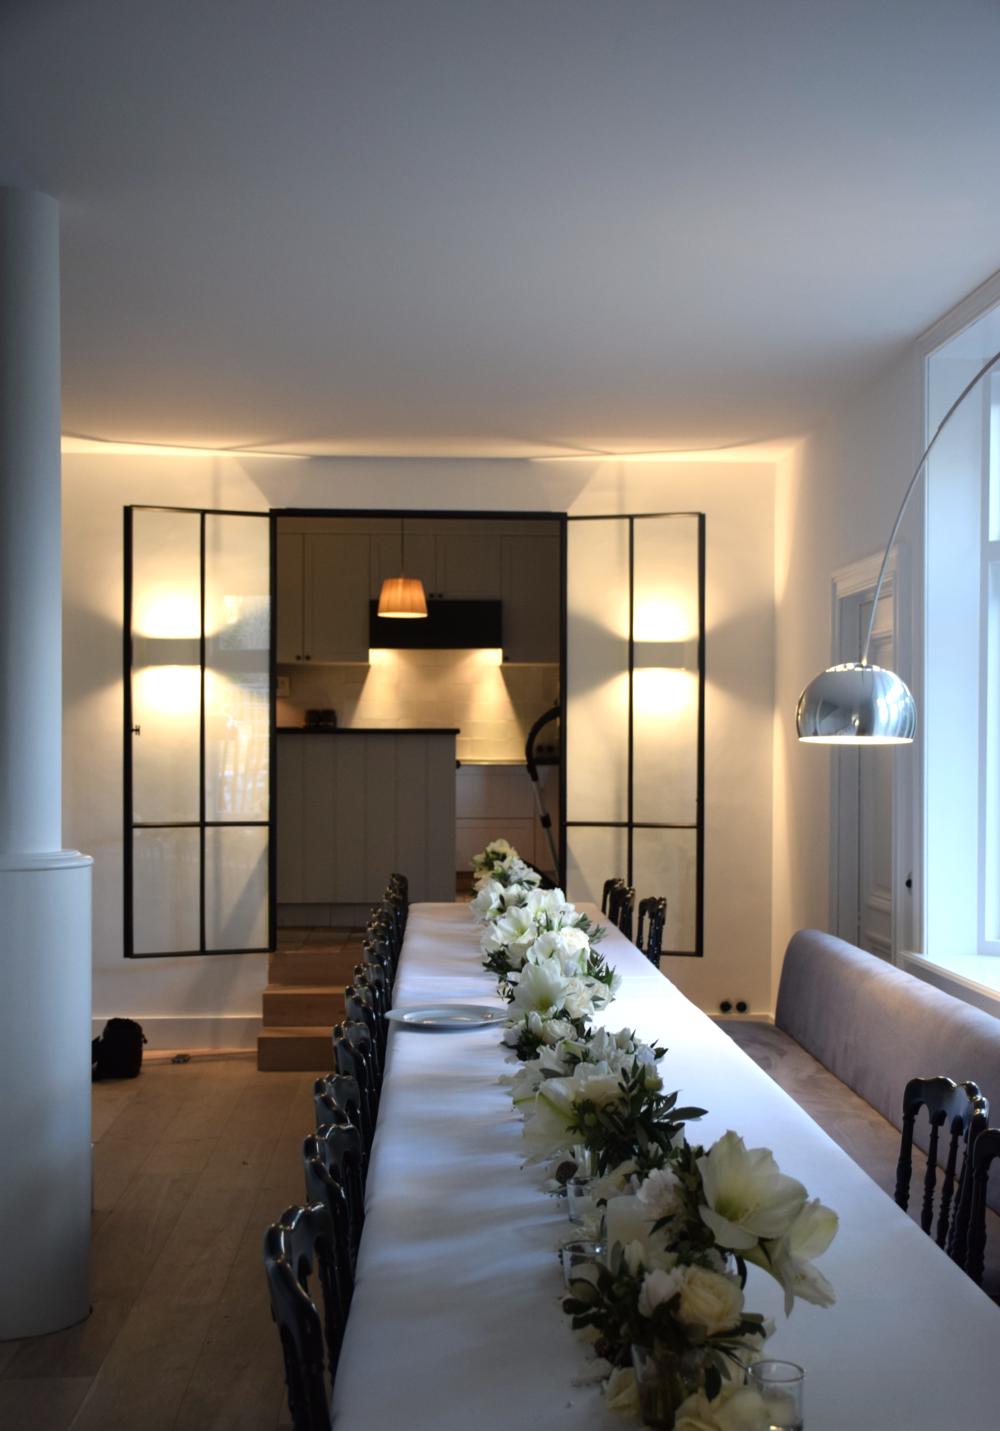 Tafeldecoratie - Degrootebloemen.be